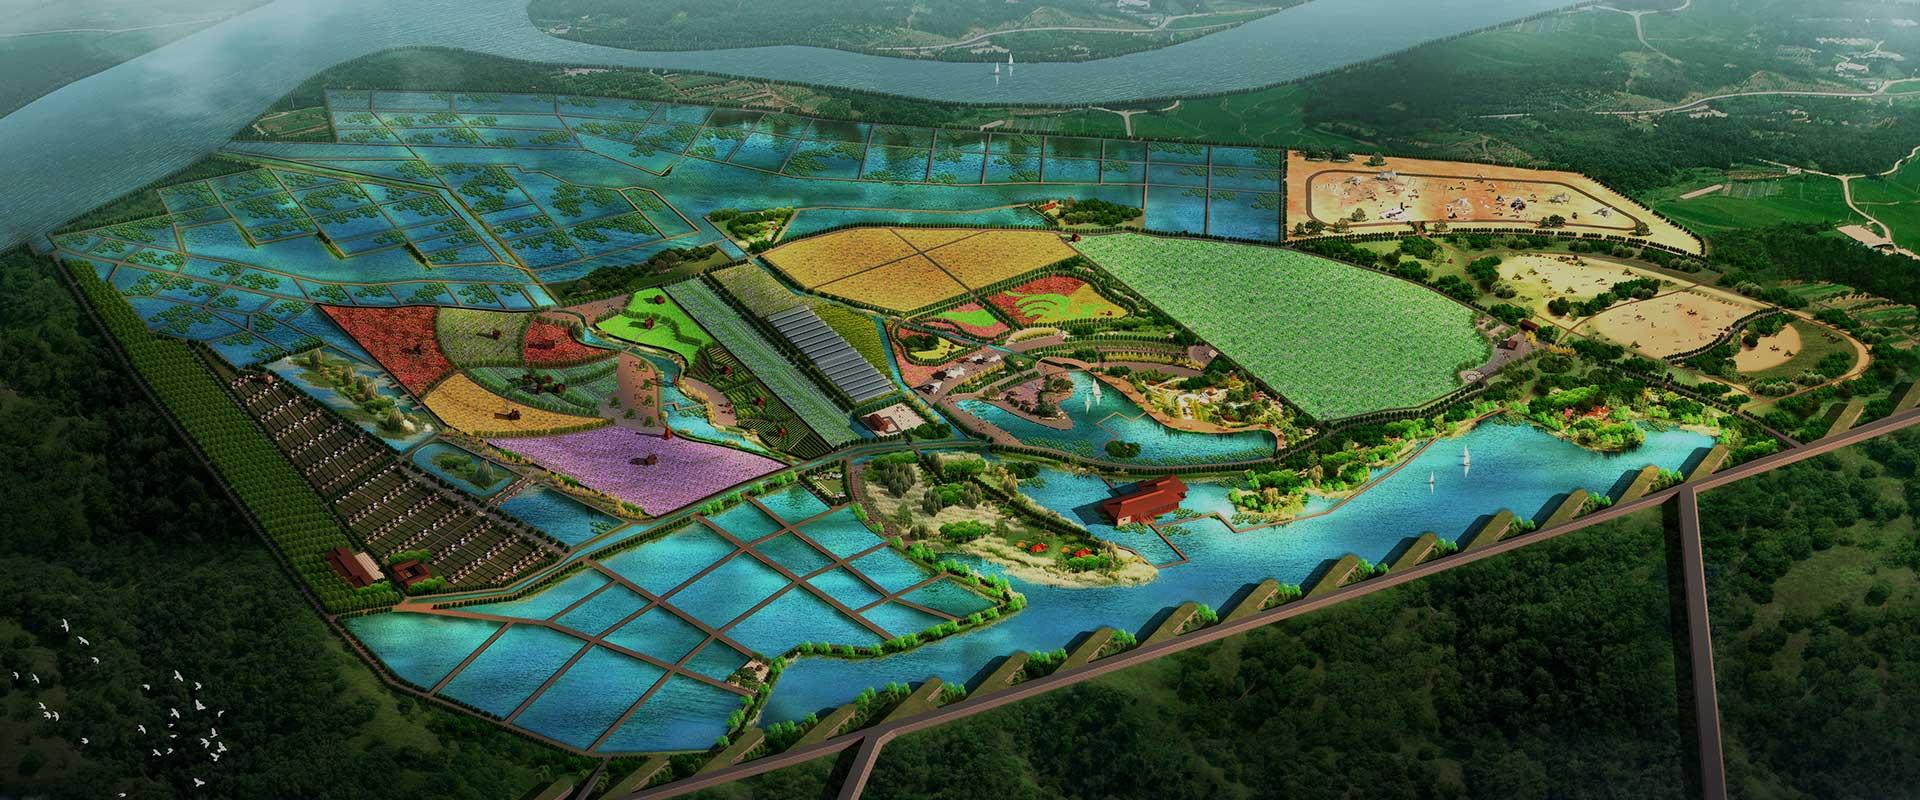 河南索凌黄河滩休闲农业生态园总体规划